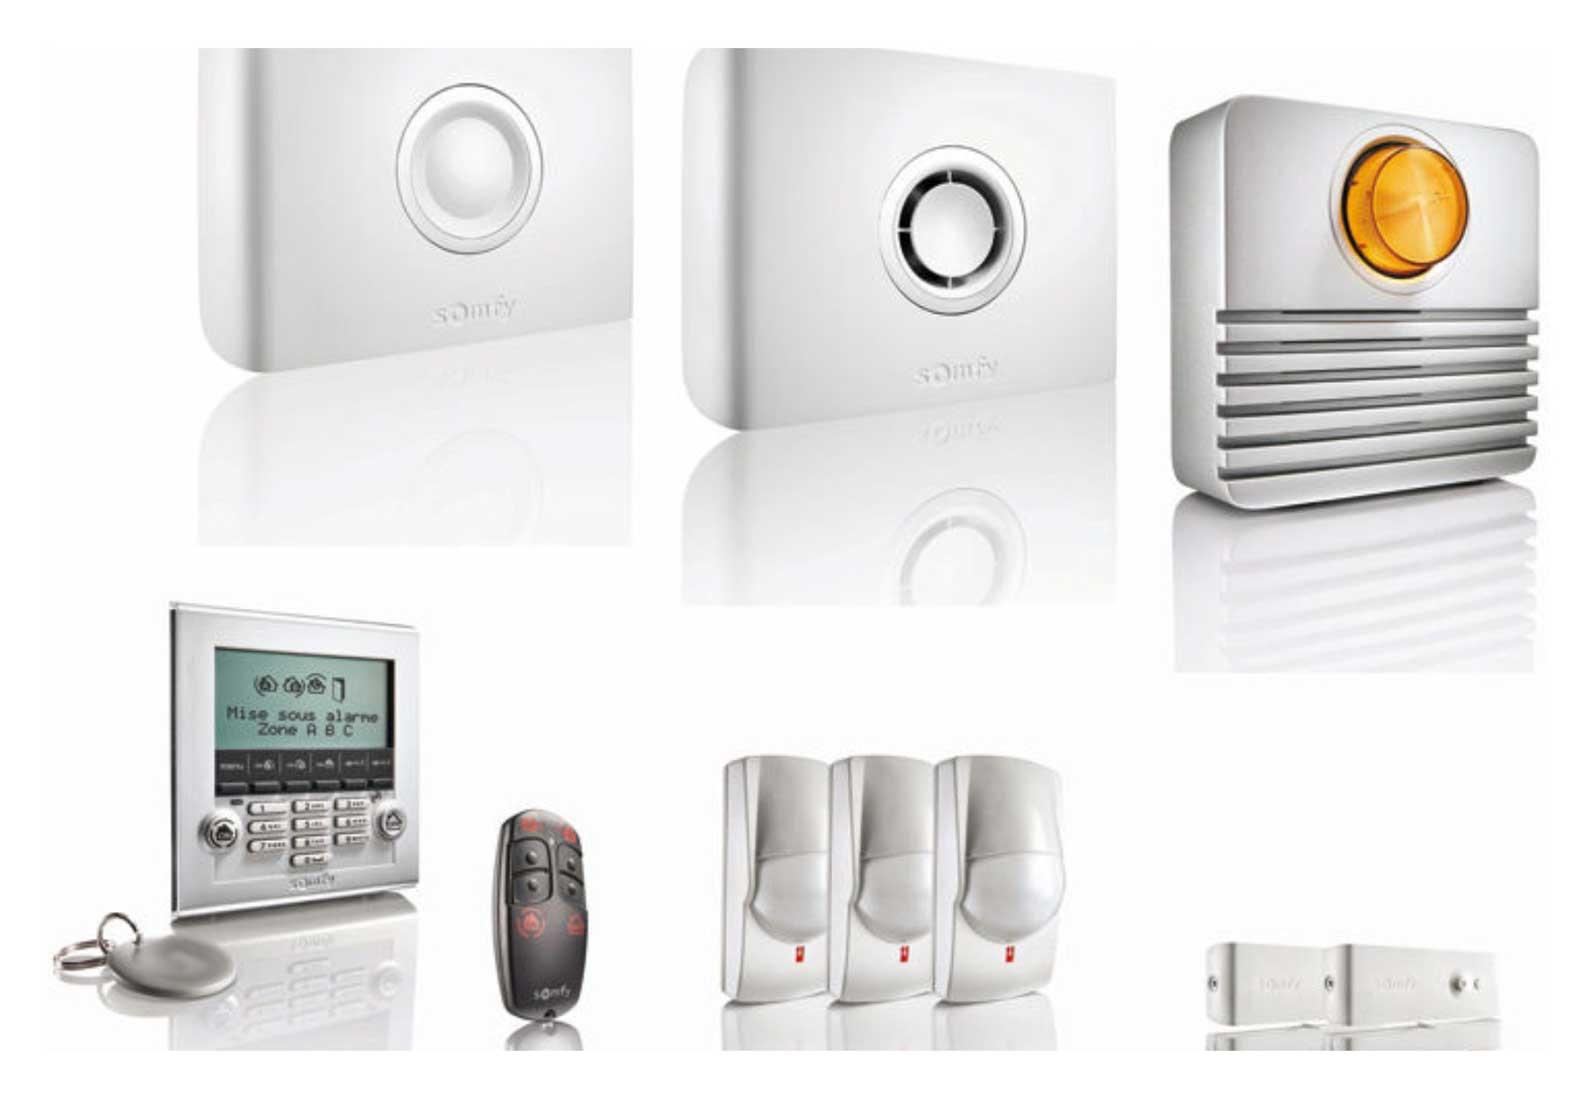 syst mes d 39 alarme vente et installation alarme dunkerque br stores. Black Bedroom Furniture Sets. Home Design Ideas